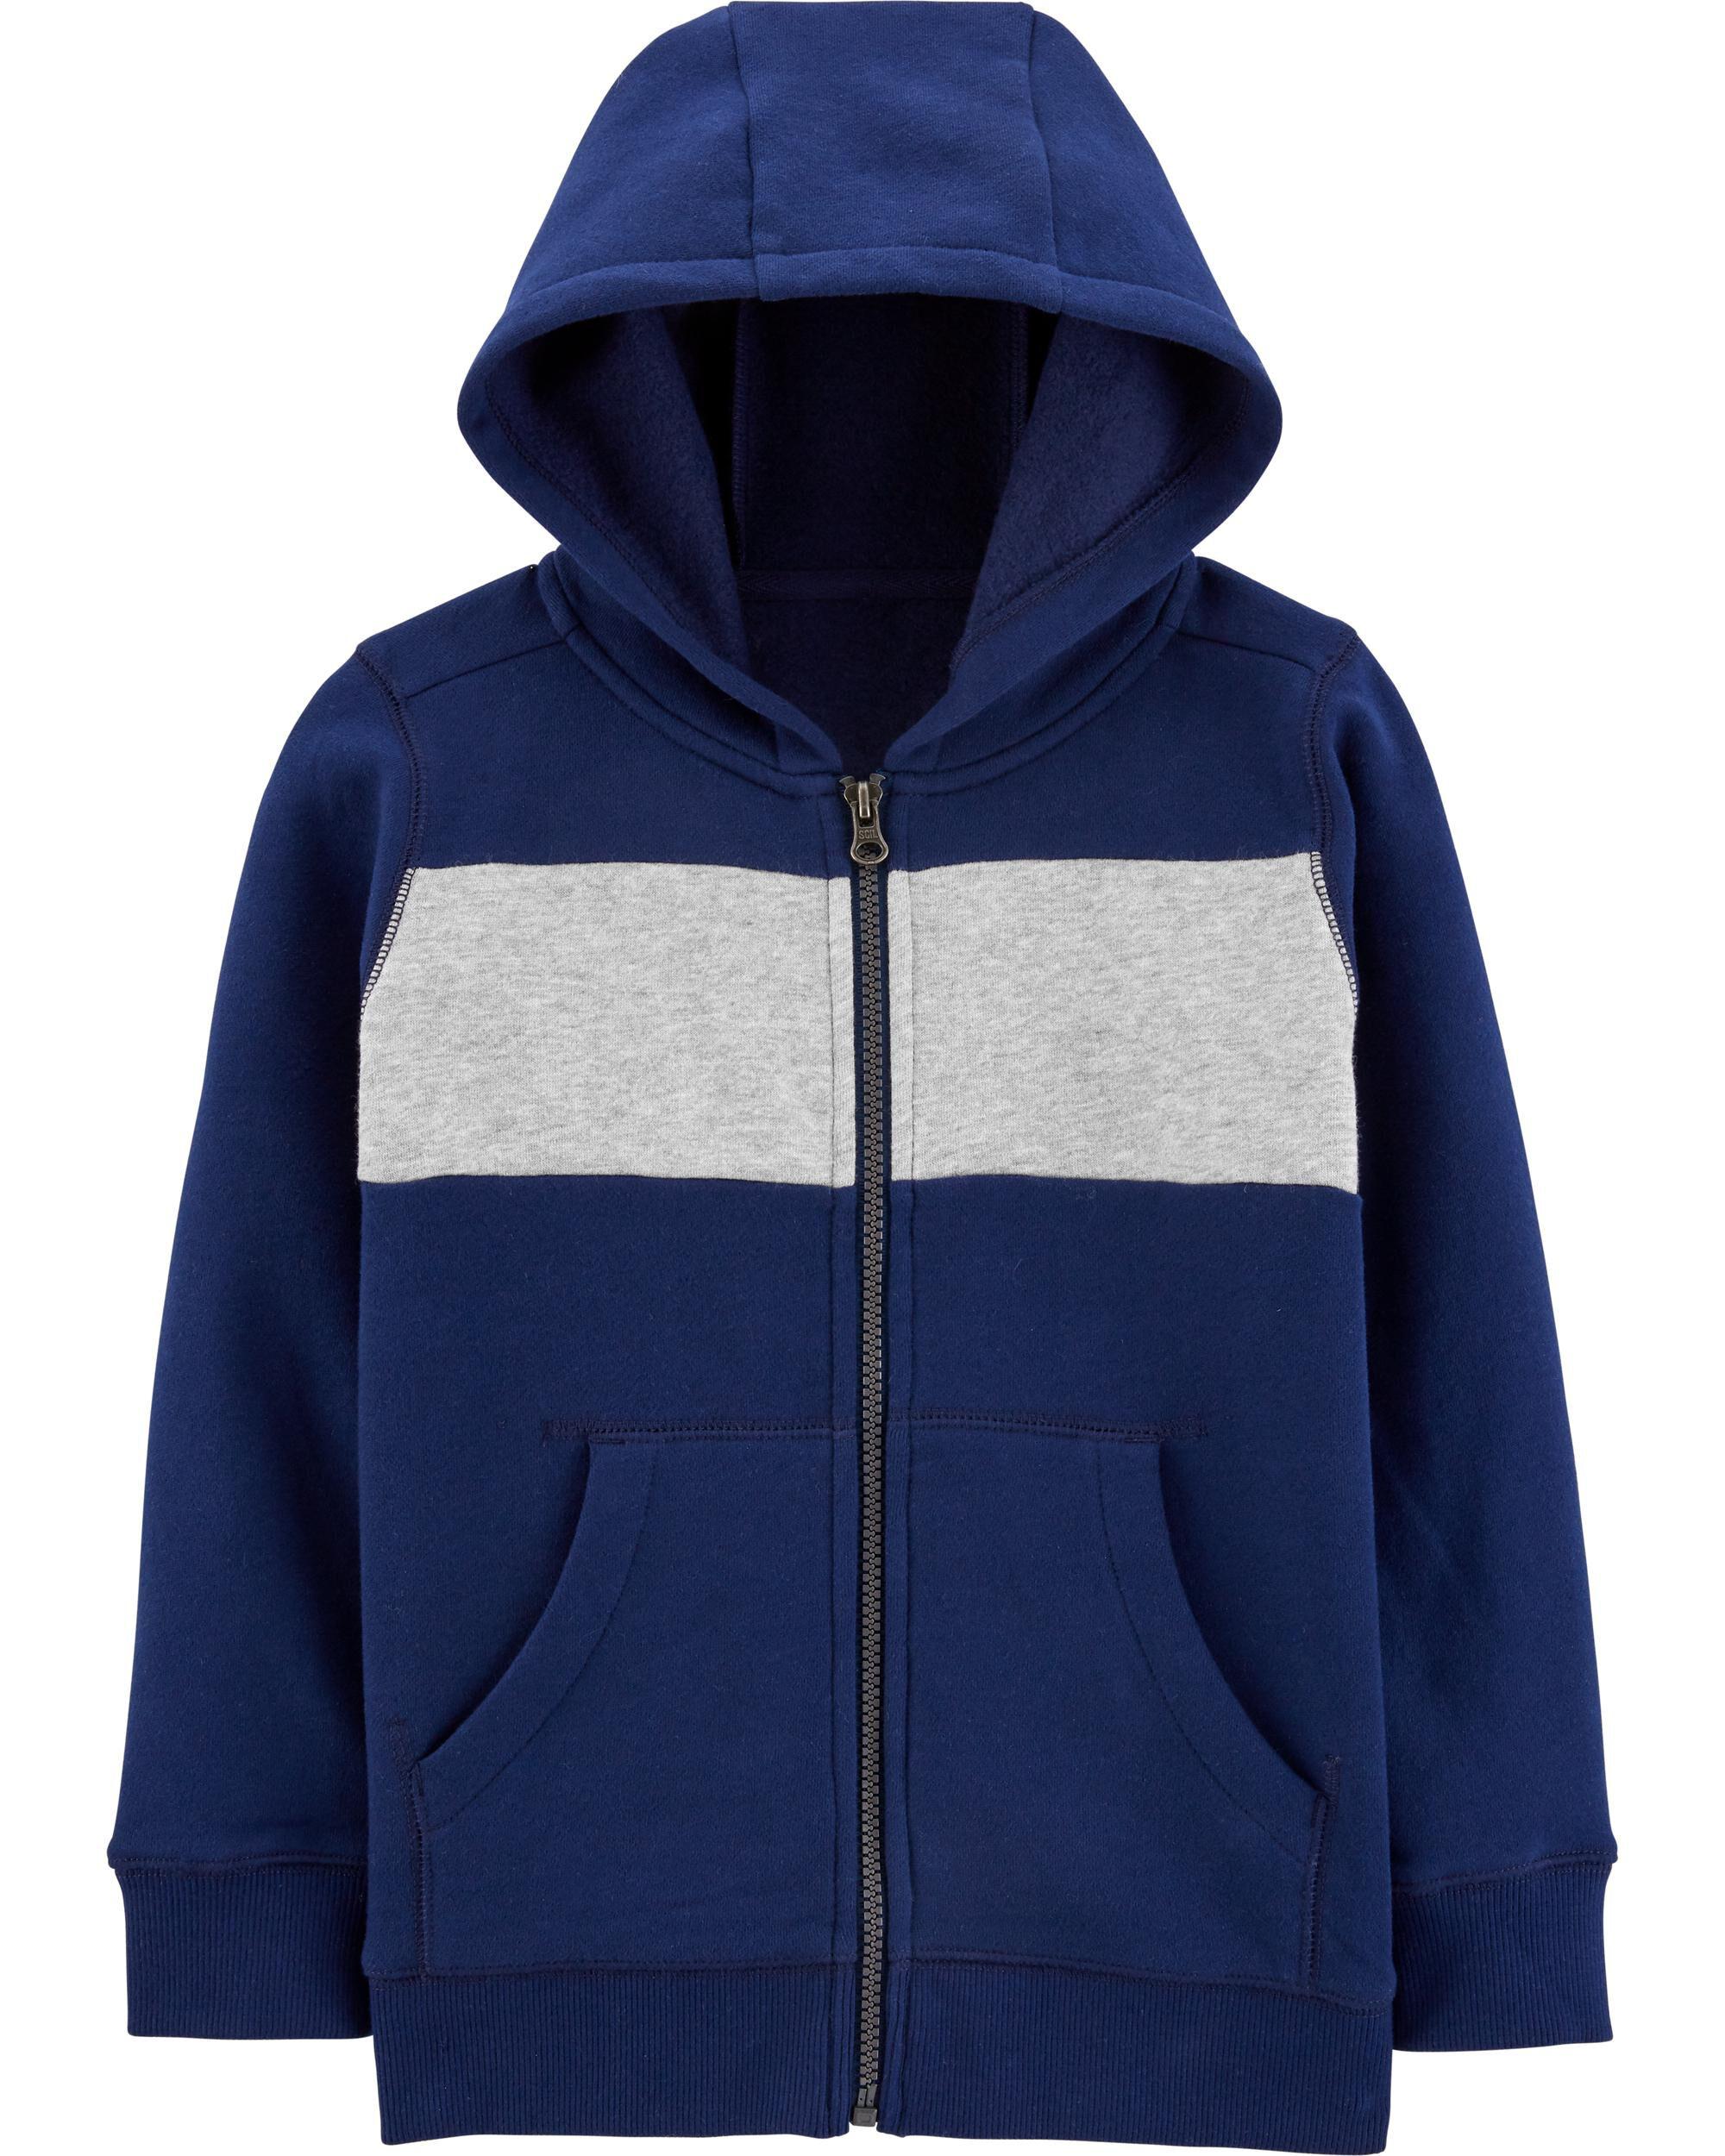 Carters Boys Brown and Navy Colorblock Fleece Half Zip Pullover 3m